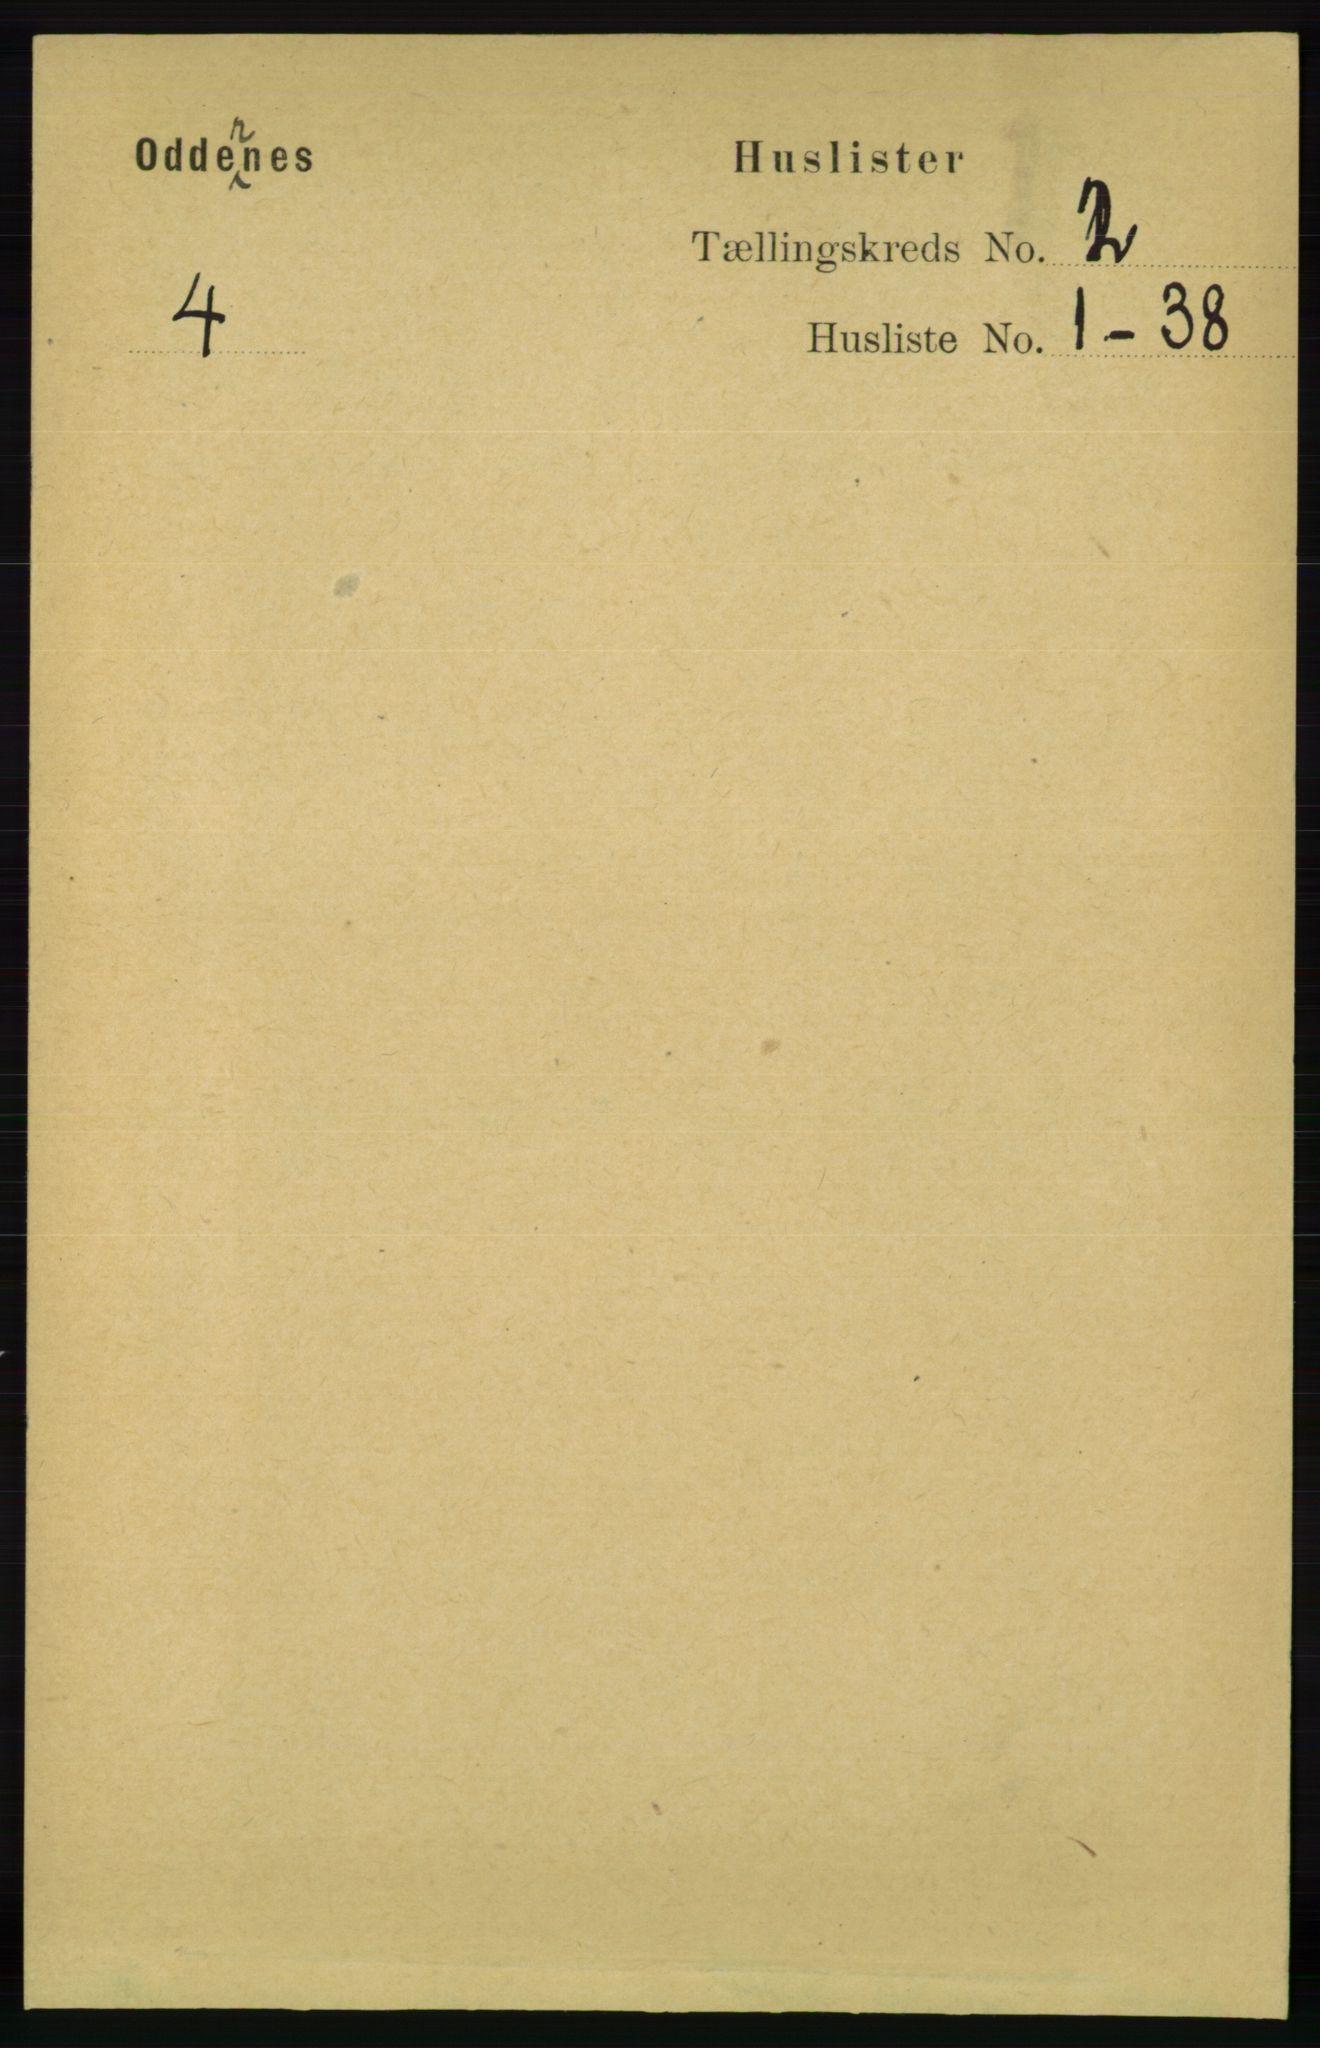 RA, Folketelling 1891 for 1012 Oddernes herred, 1891, s. 522